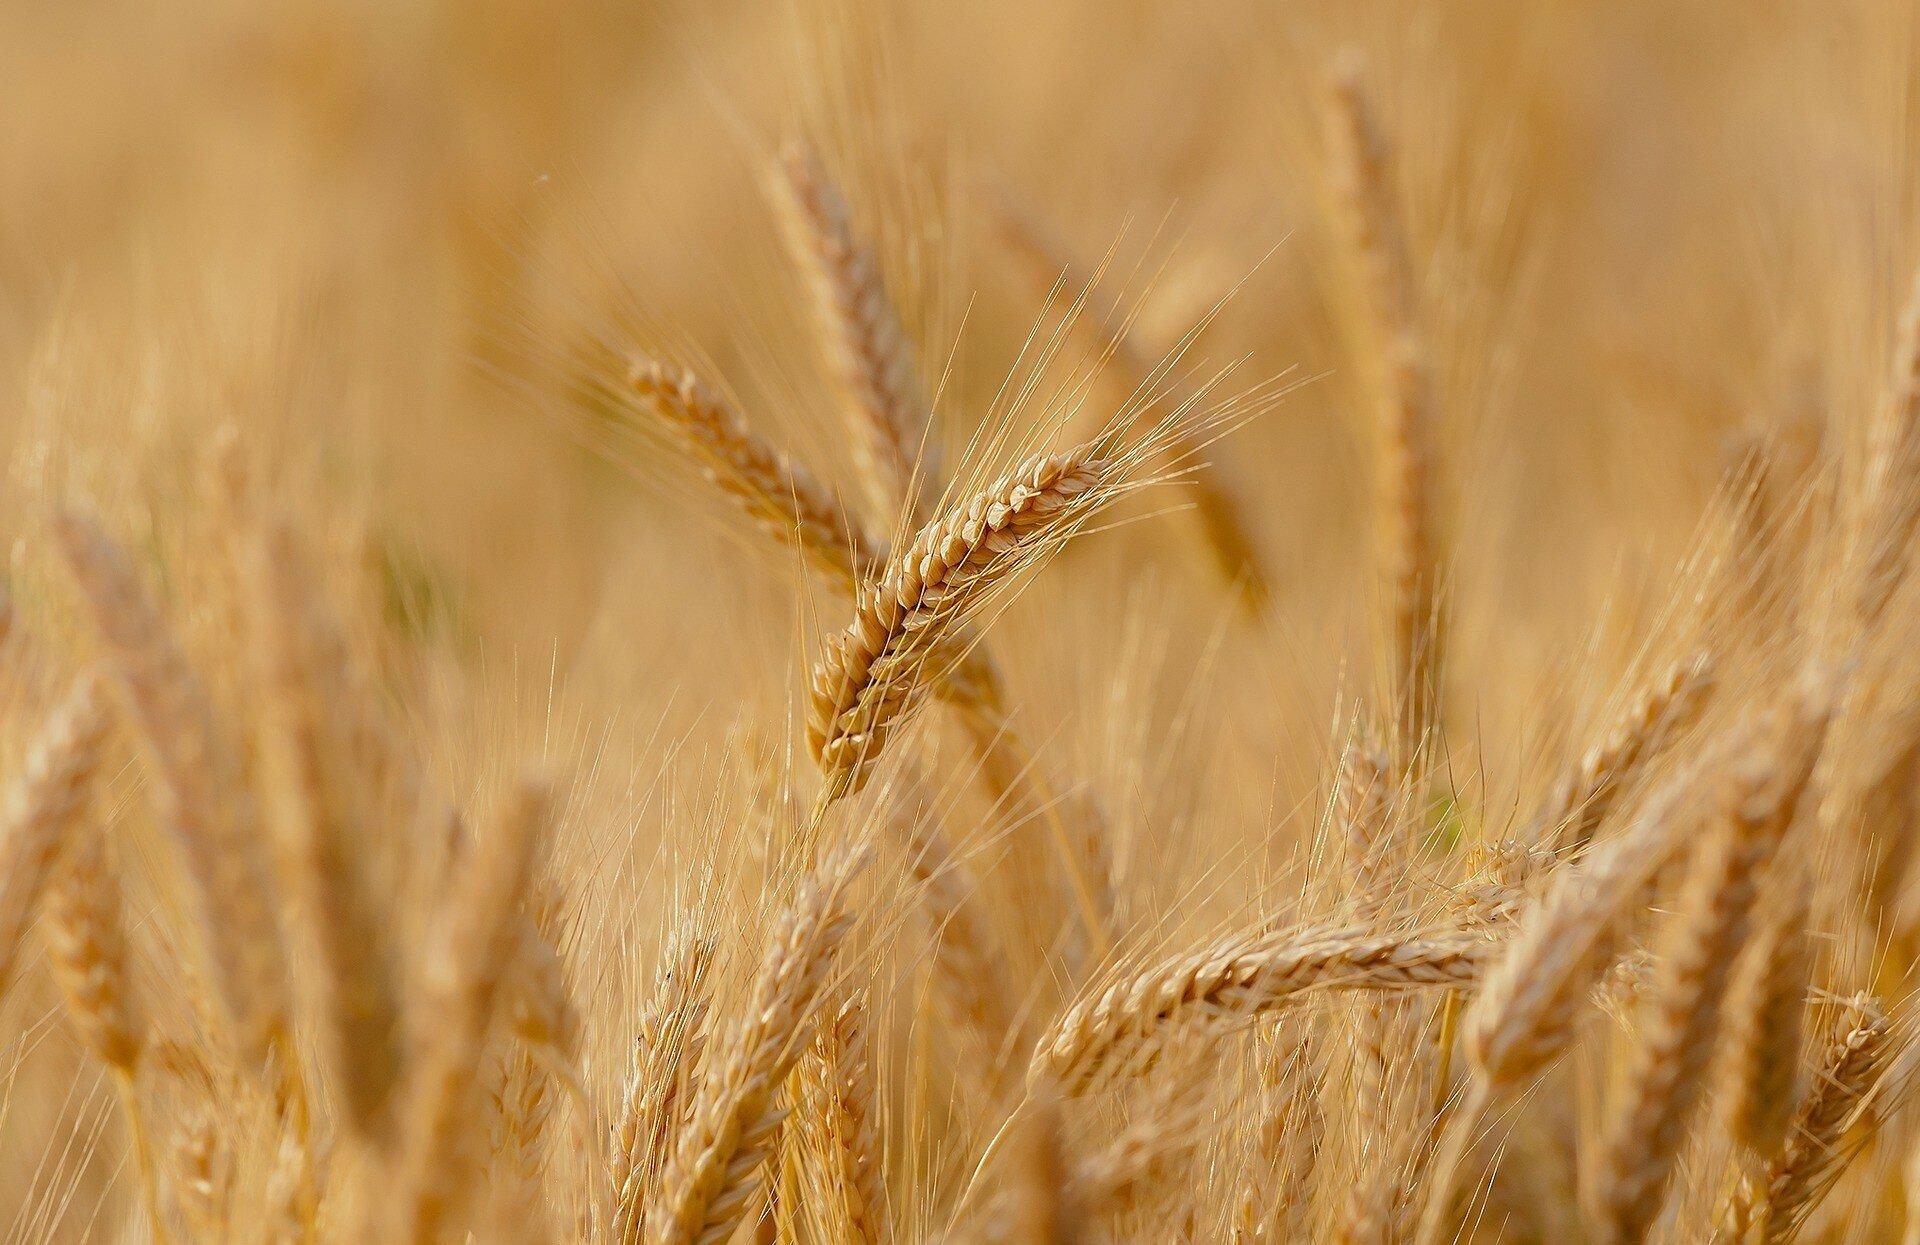 Цены на пшеницу опустились до сентябрьских показателей